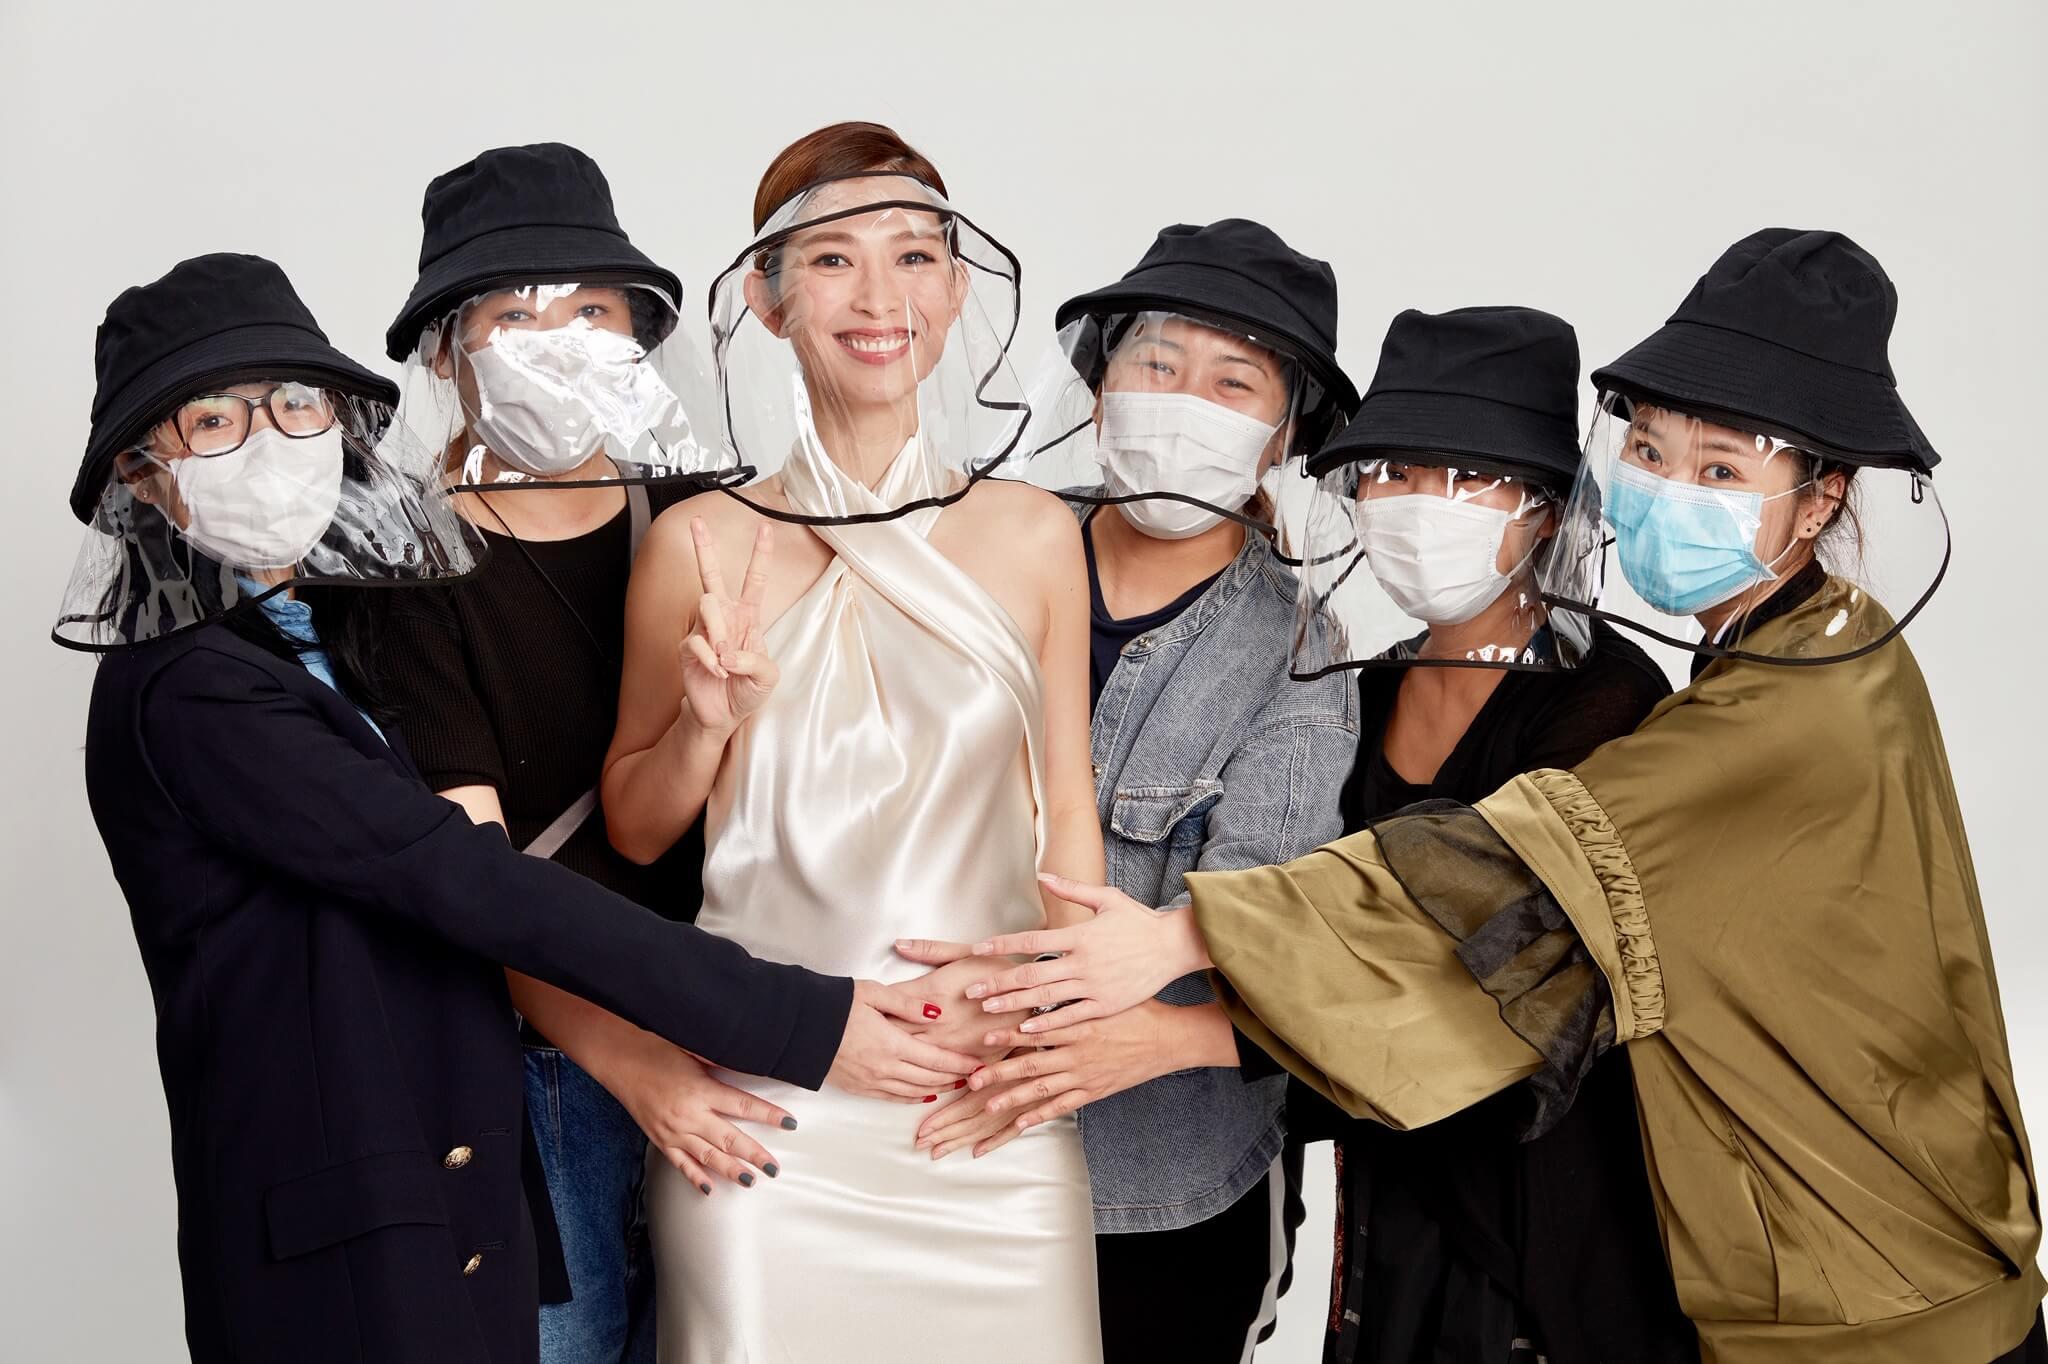 疫情期間拍廣告,一眾工作人員都替她再次懷孕感高興。